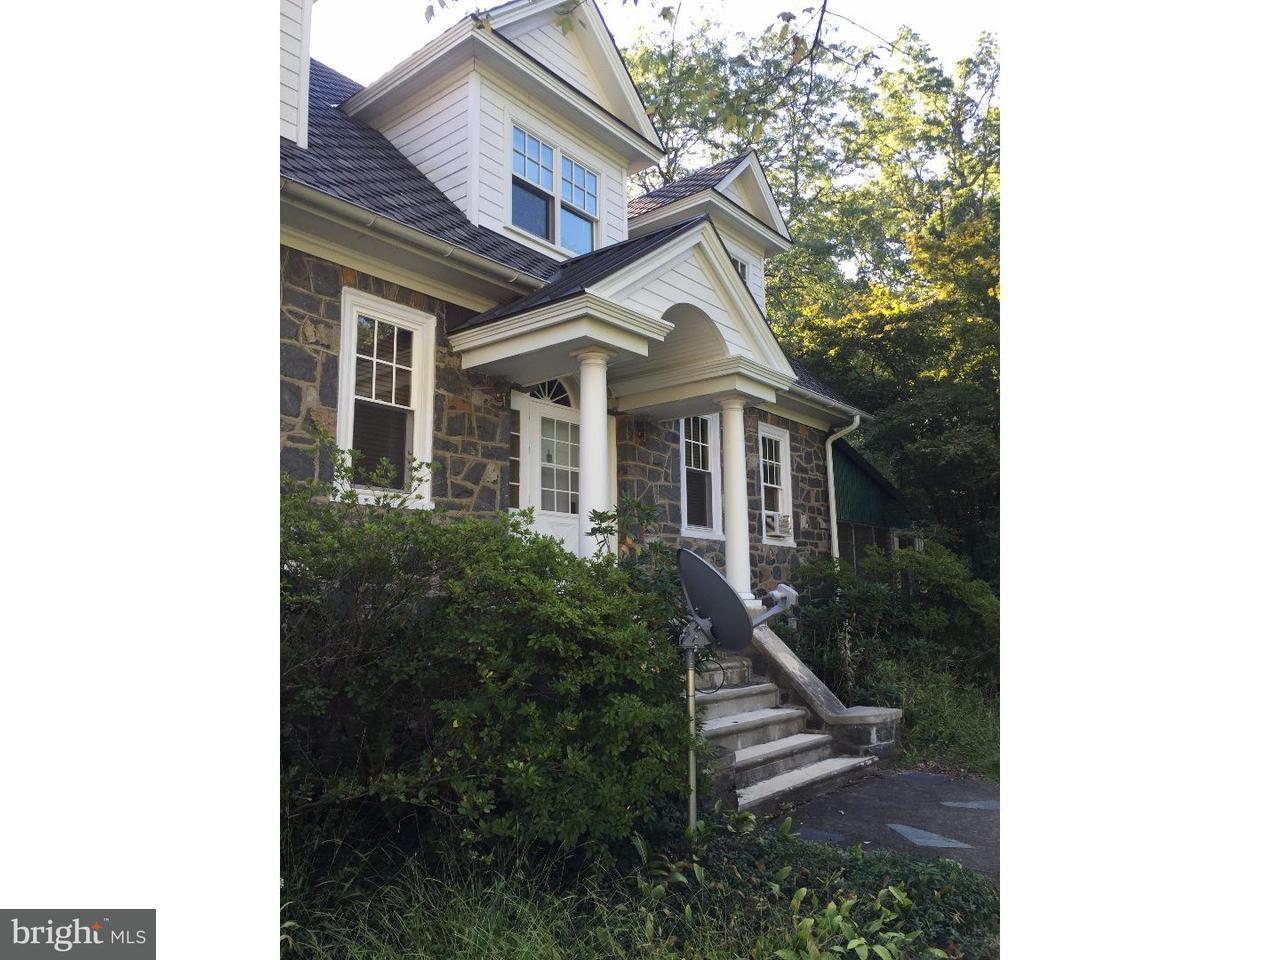 Частный односемейный дом для того Аренда на 105 W SMOKETOWN Road Quakertown, Пенсильвания 18951 Соединенные Штаты